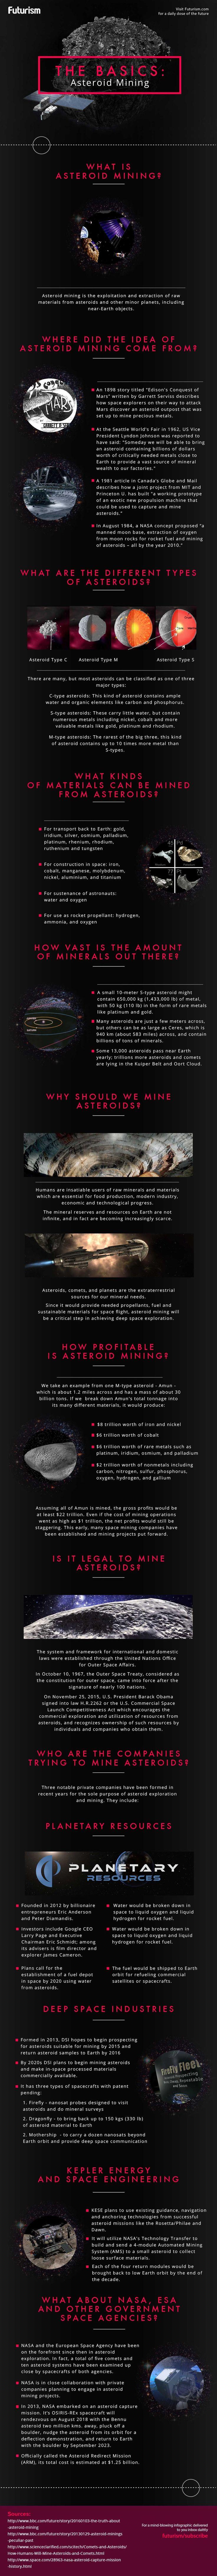 The Basics: Asteroid Mining